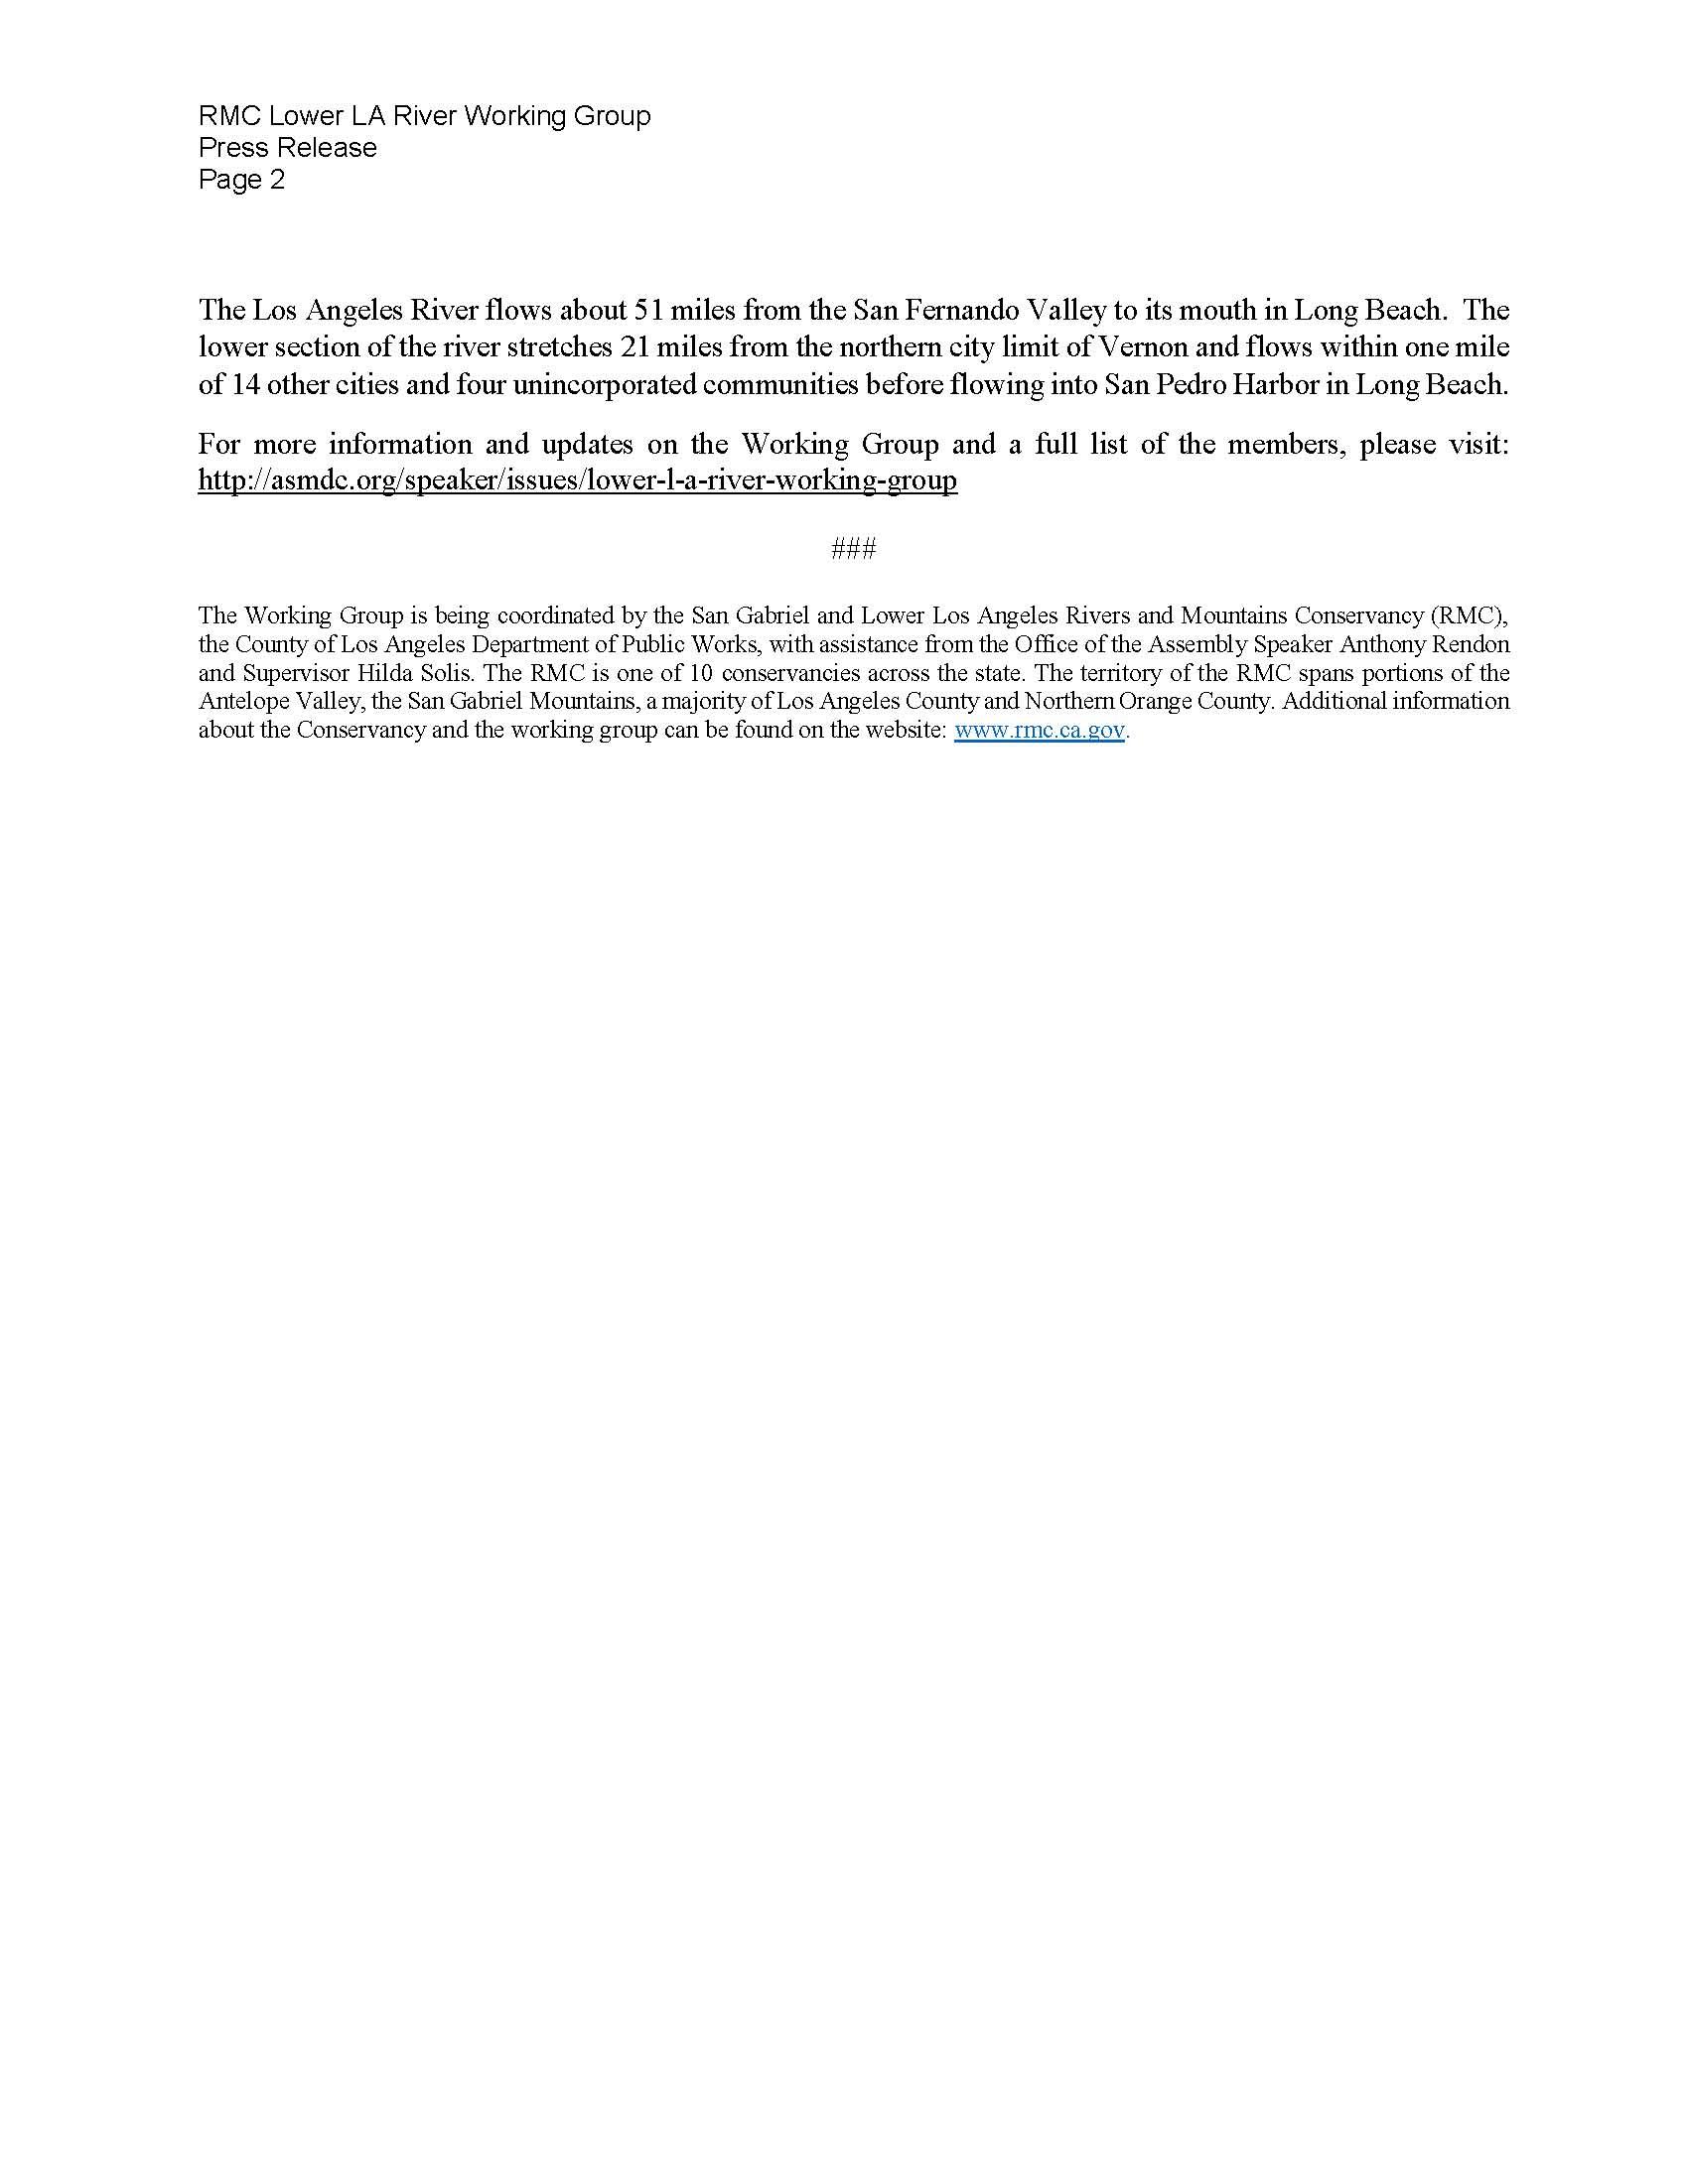 Press_Release_2016Final_Page_2.jpg